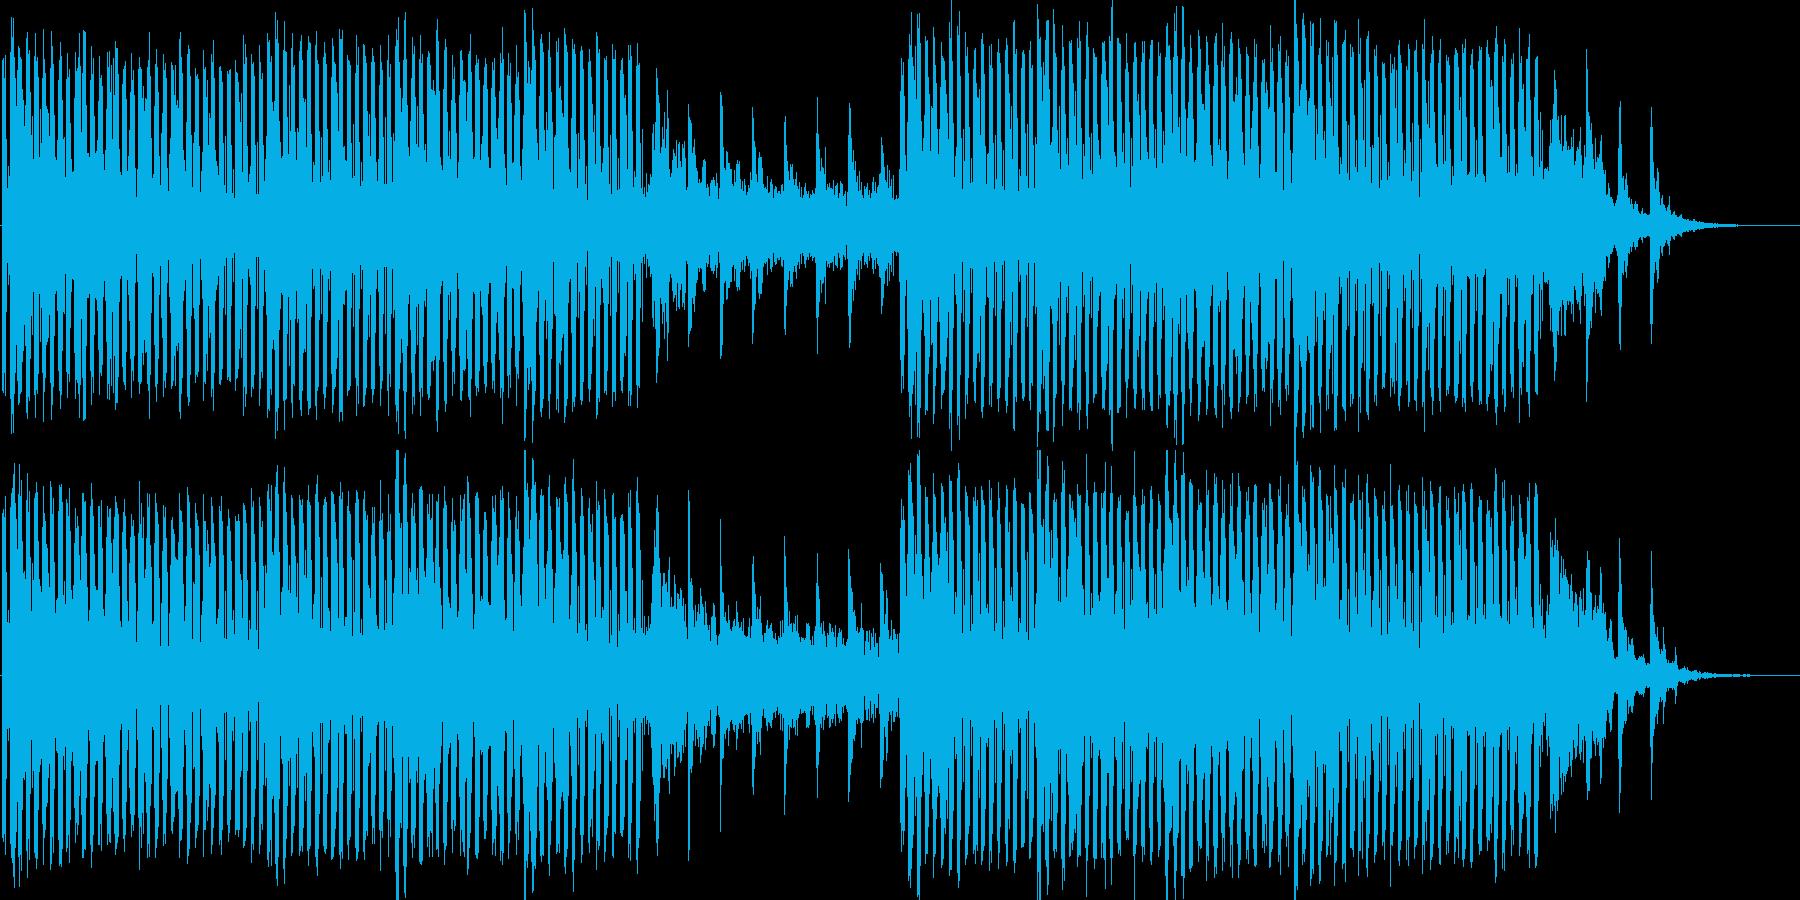 アンビエント系テクノの再生済みの波形